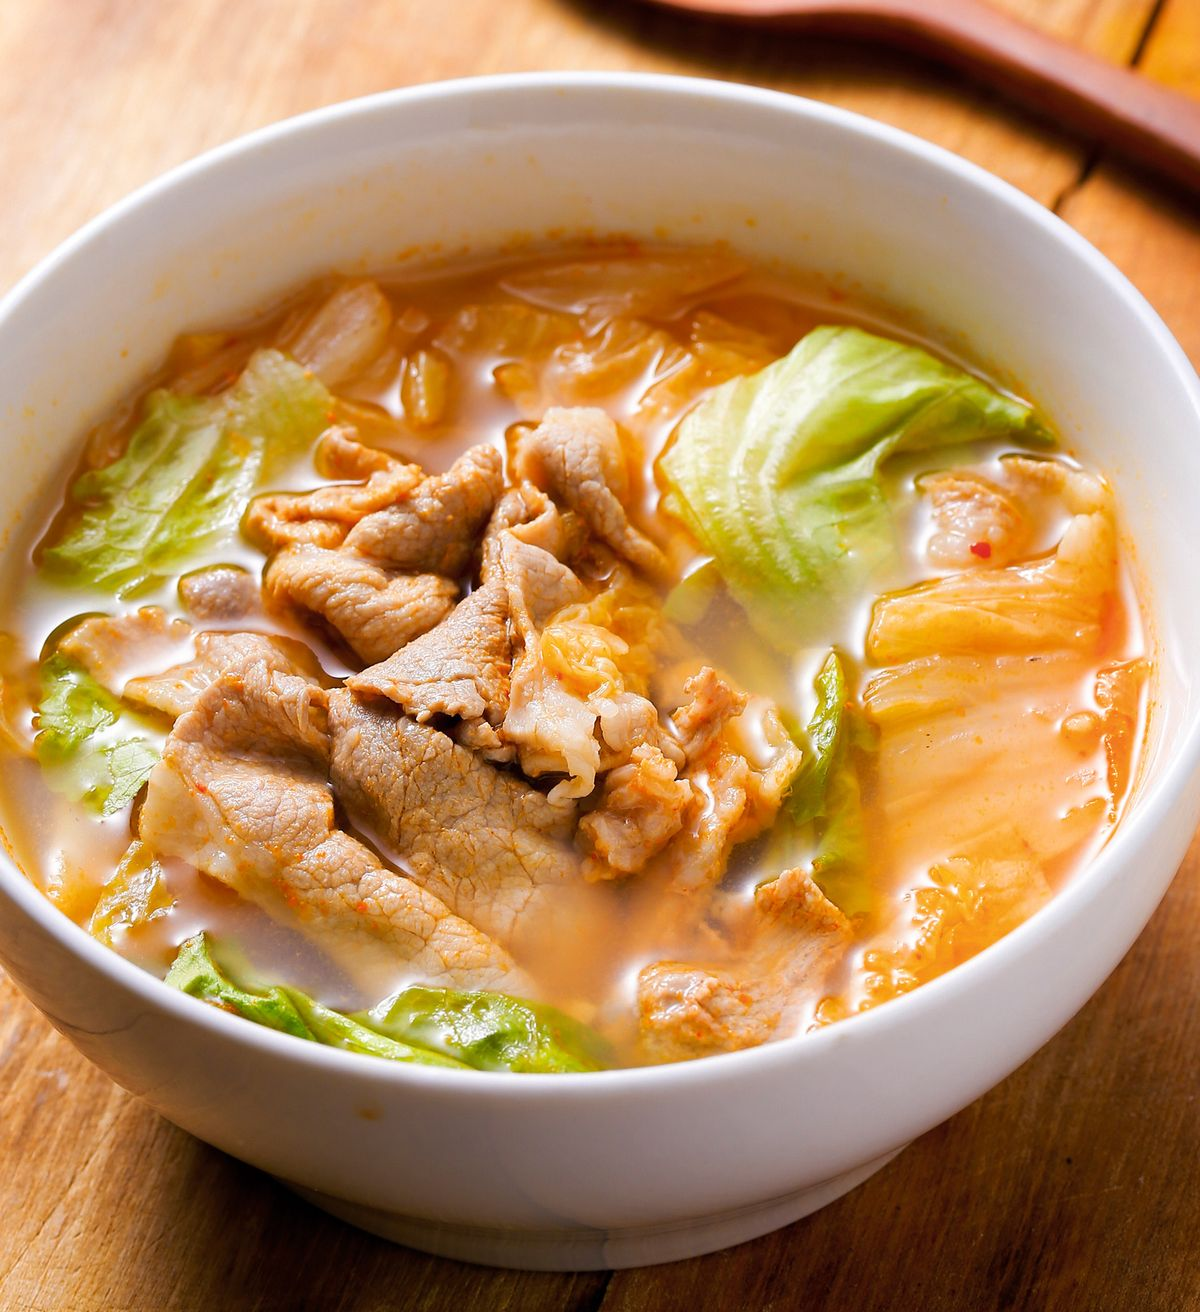 食譜:泡菜肉片湯